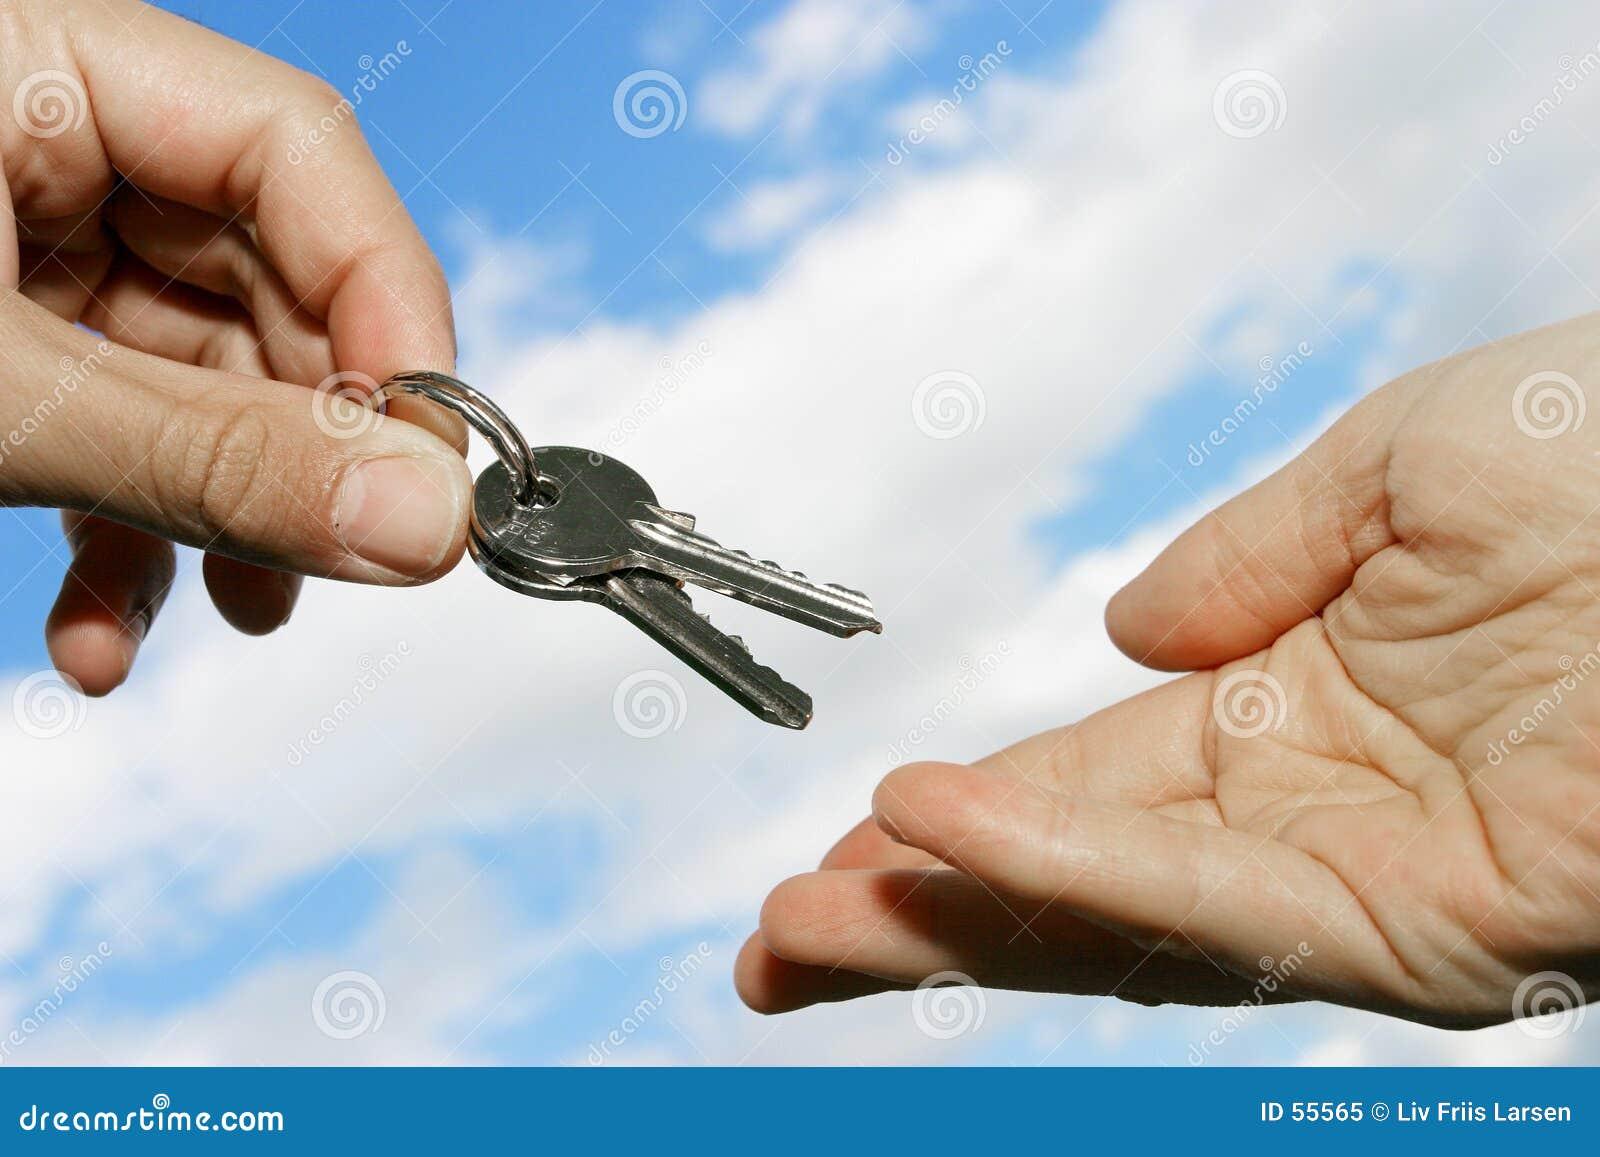 Download Remise des clés image stock. Image du agent, véhicule, maison - 55565